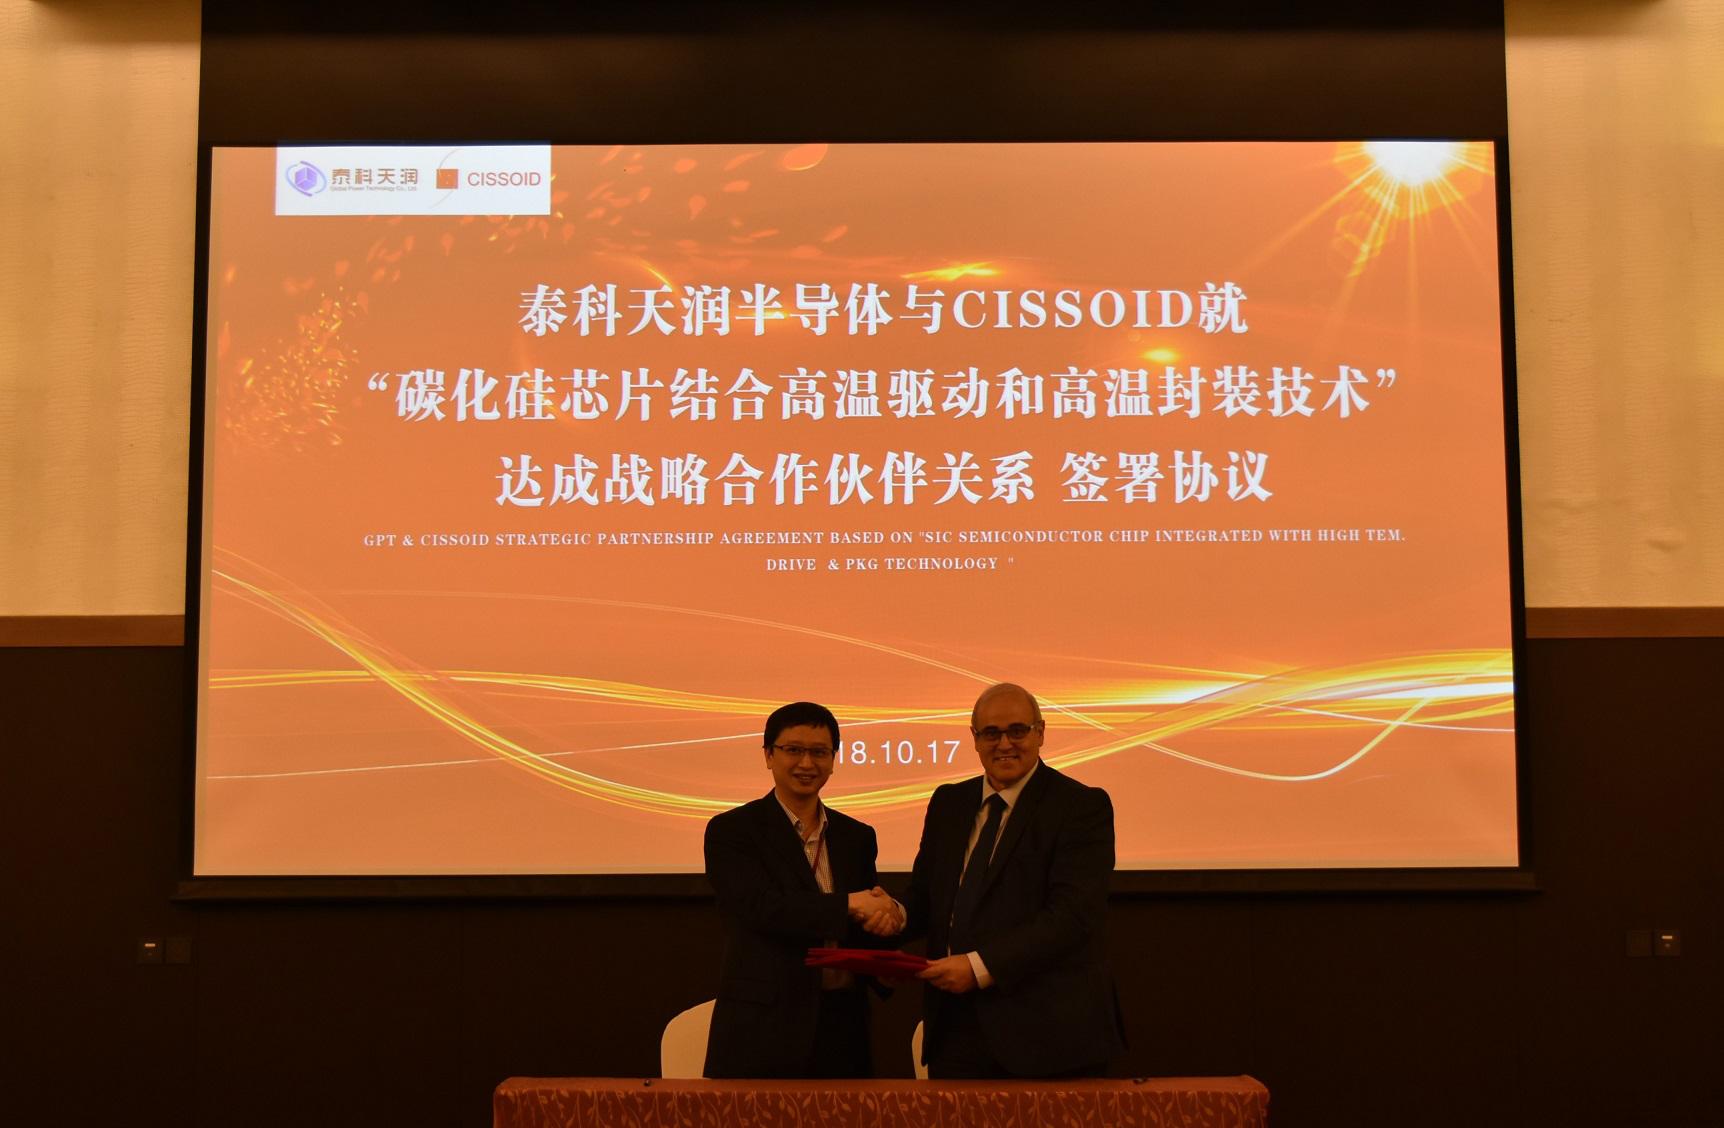 CISSOID 和泰科天润(GPT)达成战略合作协议,携手推动碳化硅功率器件的广泛应用